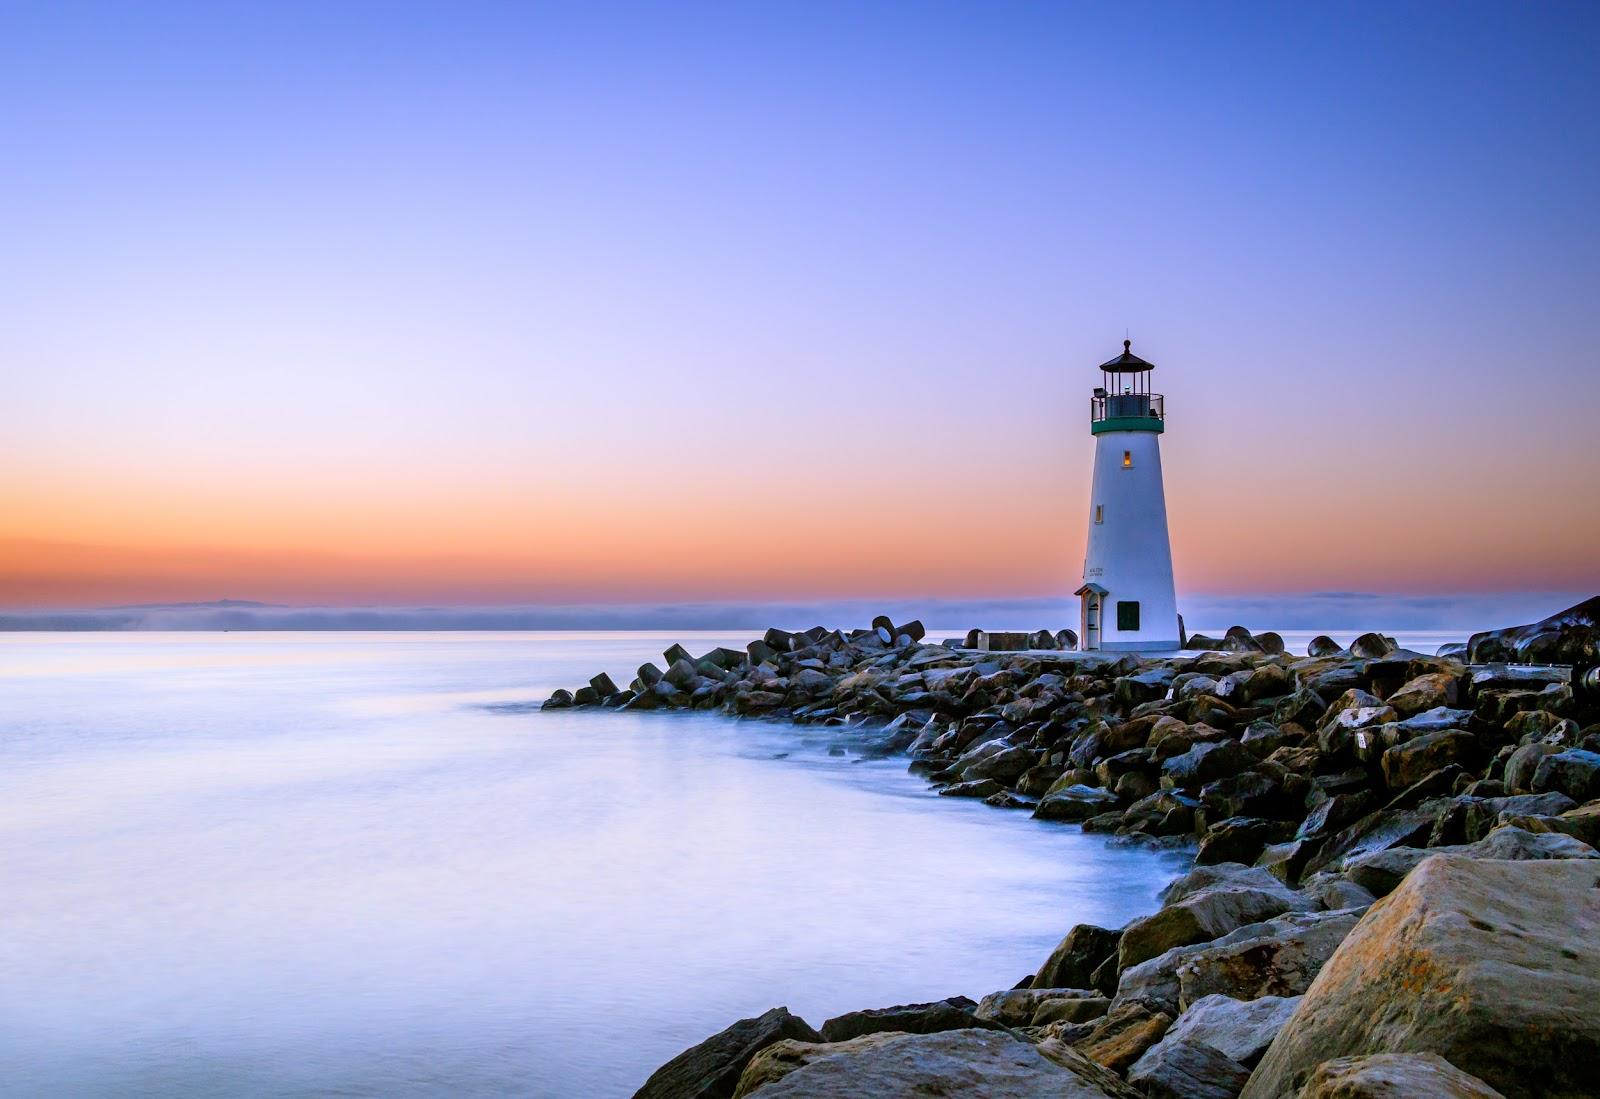 lantern next to the sea